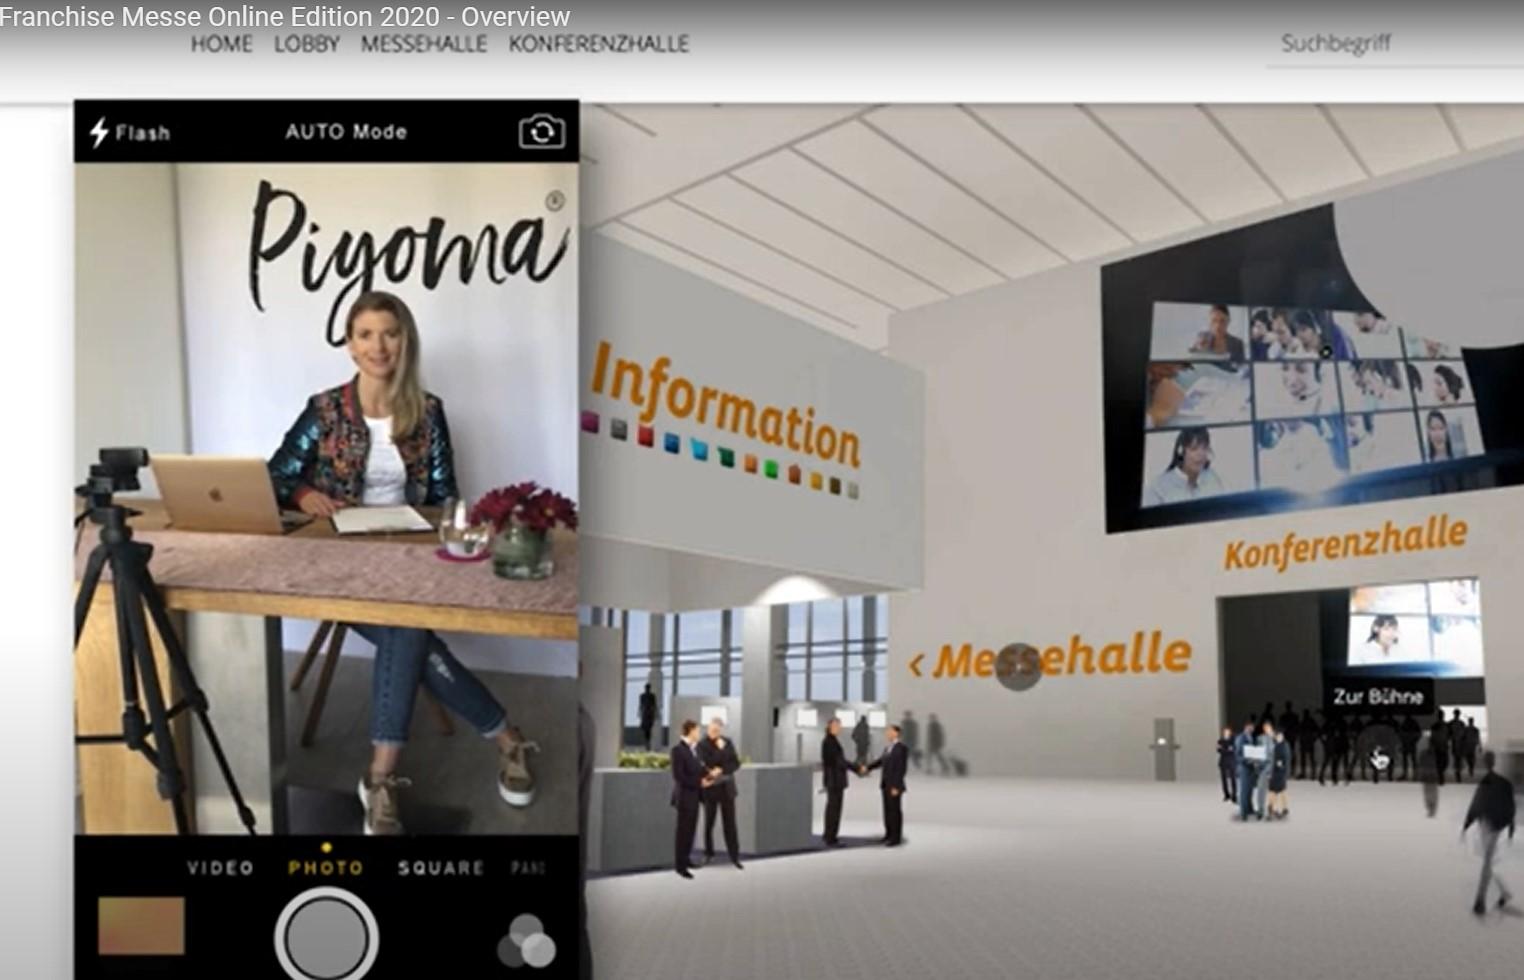 Digitalisierung im Franchise-System: Kein Weg zurück!